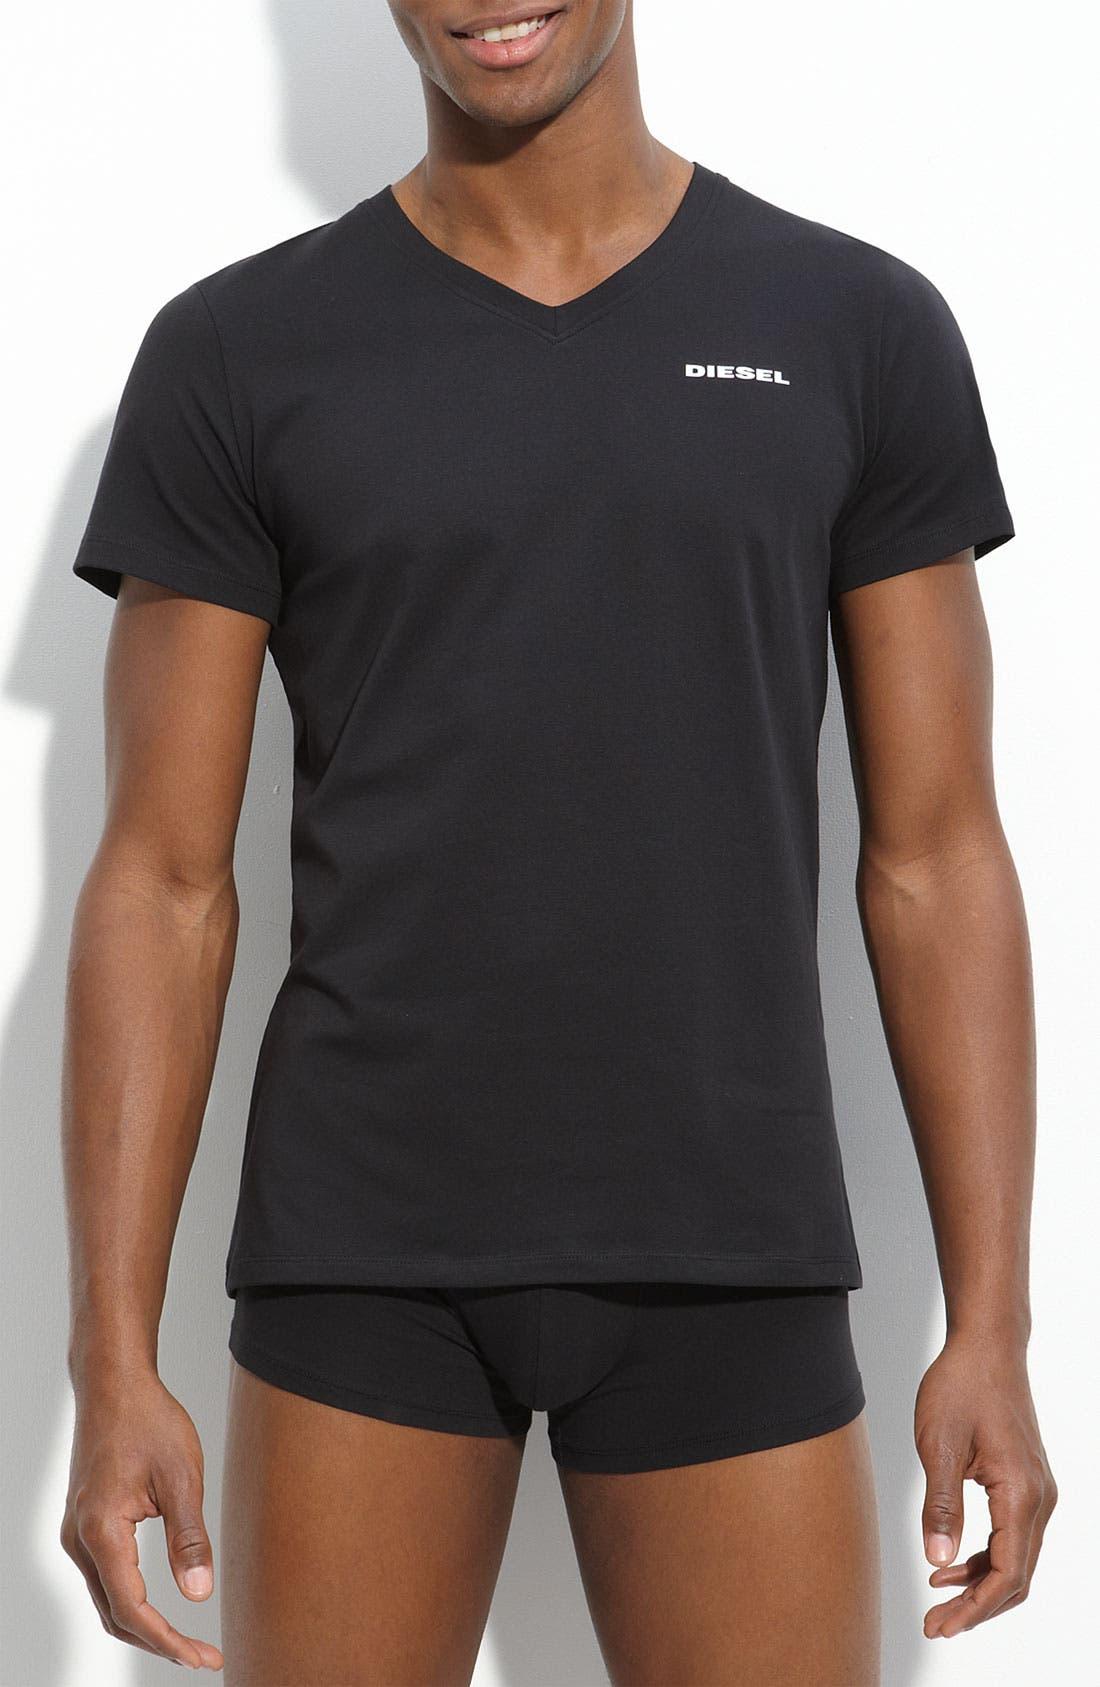 Alternate Image 1 Selected - DIESEL® Trim Fit V-Neck T-Shirt